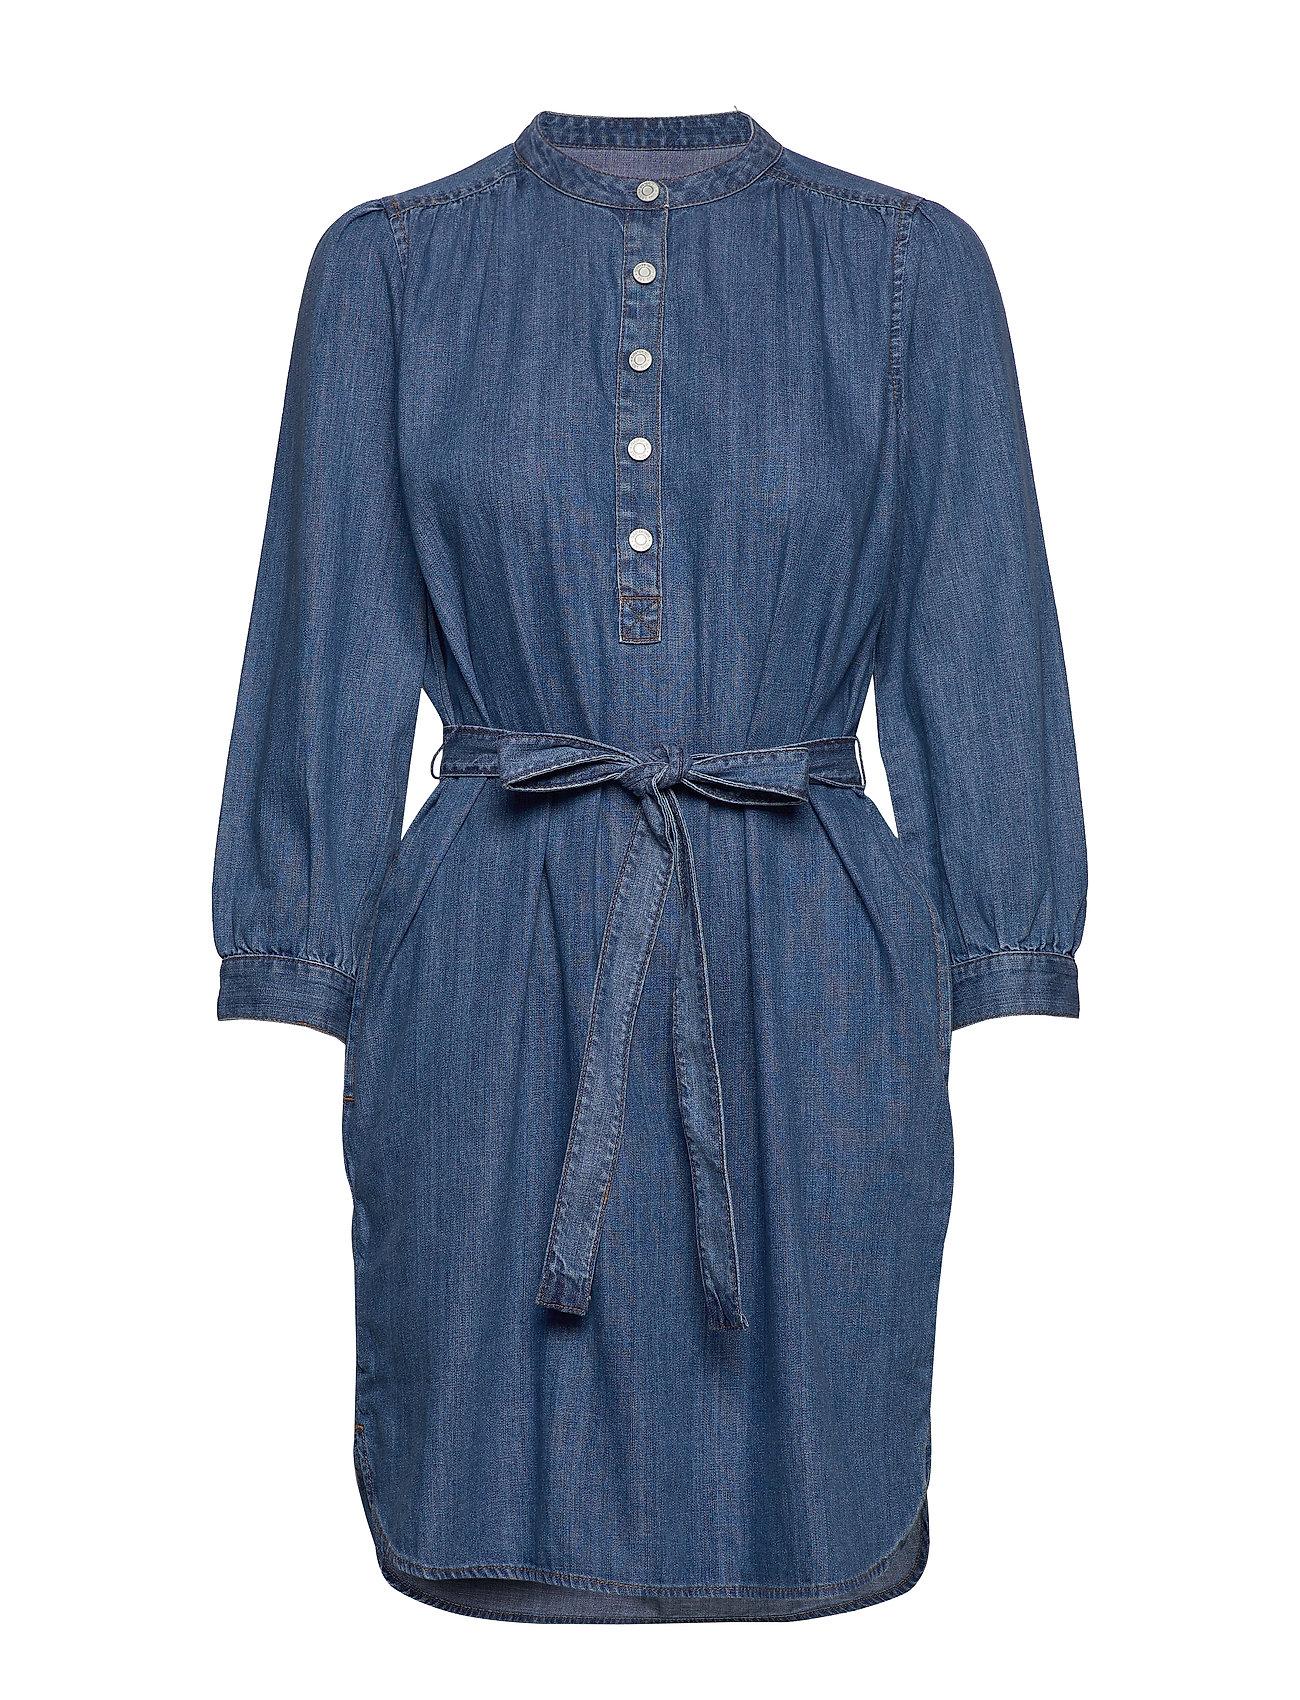 GAP Shirred Popover Denim Shirtdress - MEDIUM WASH